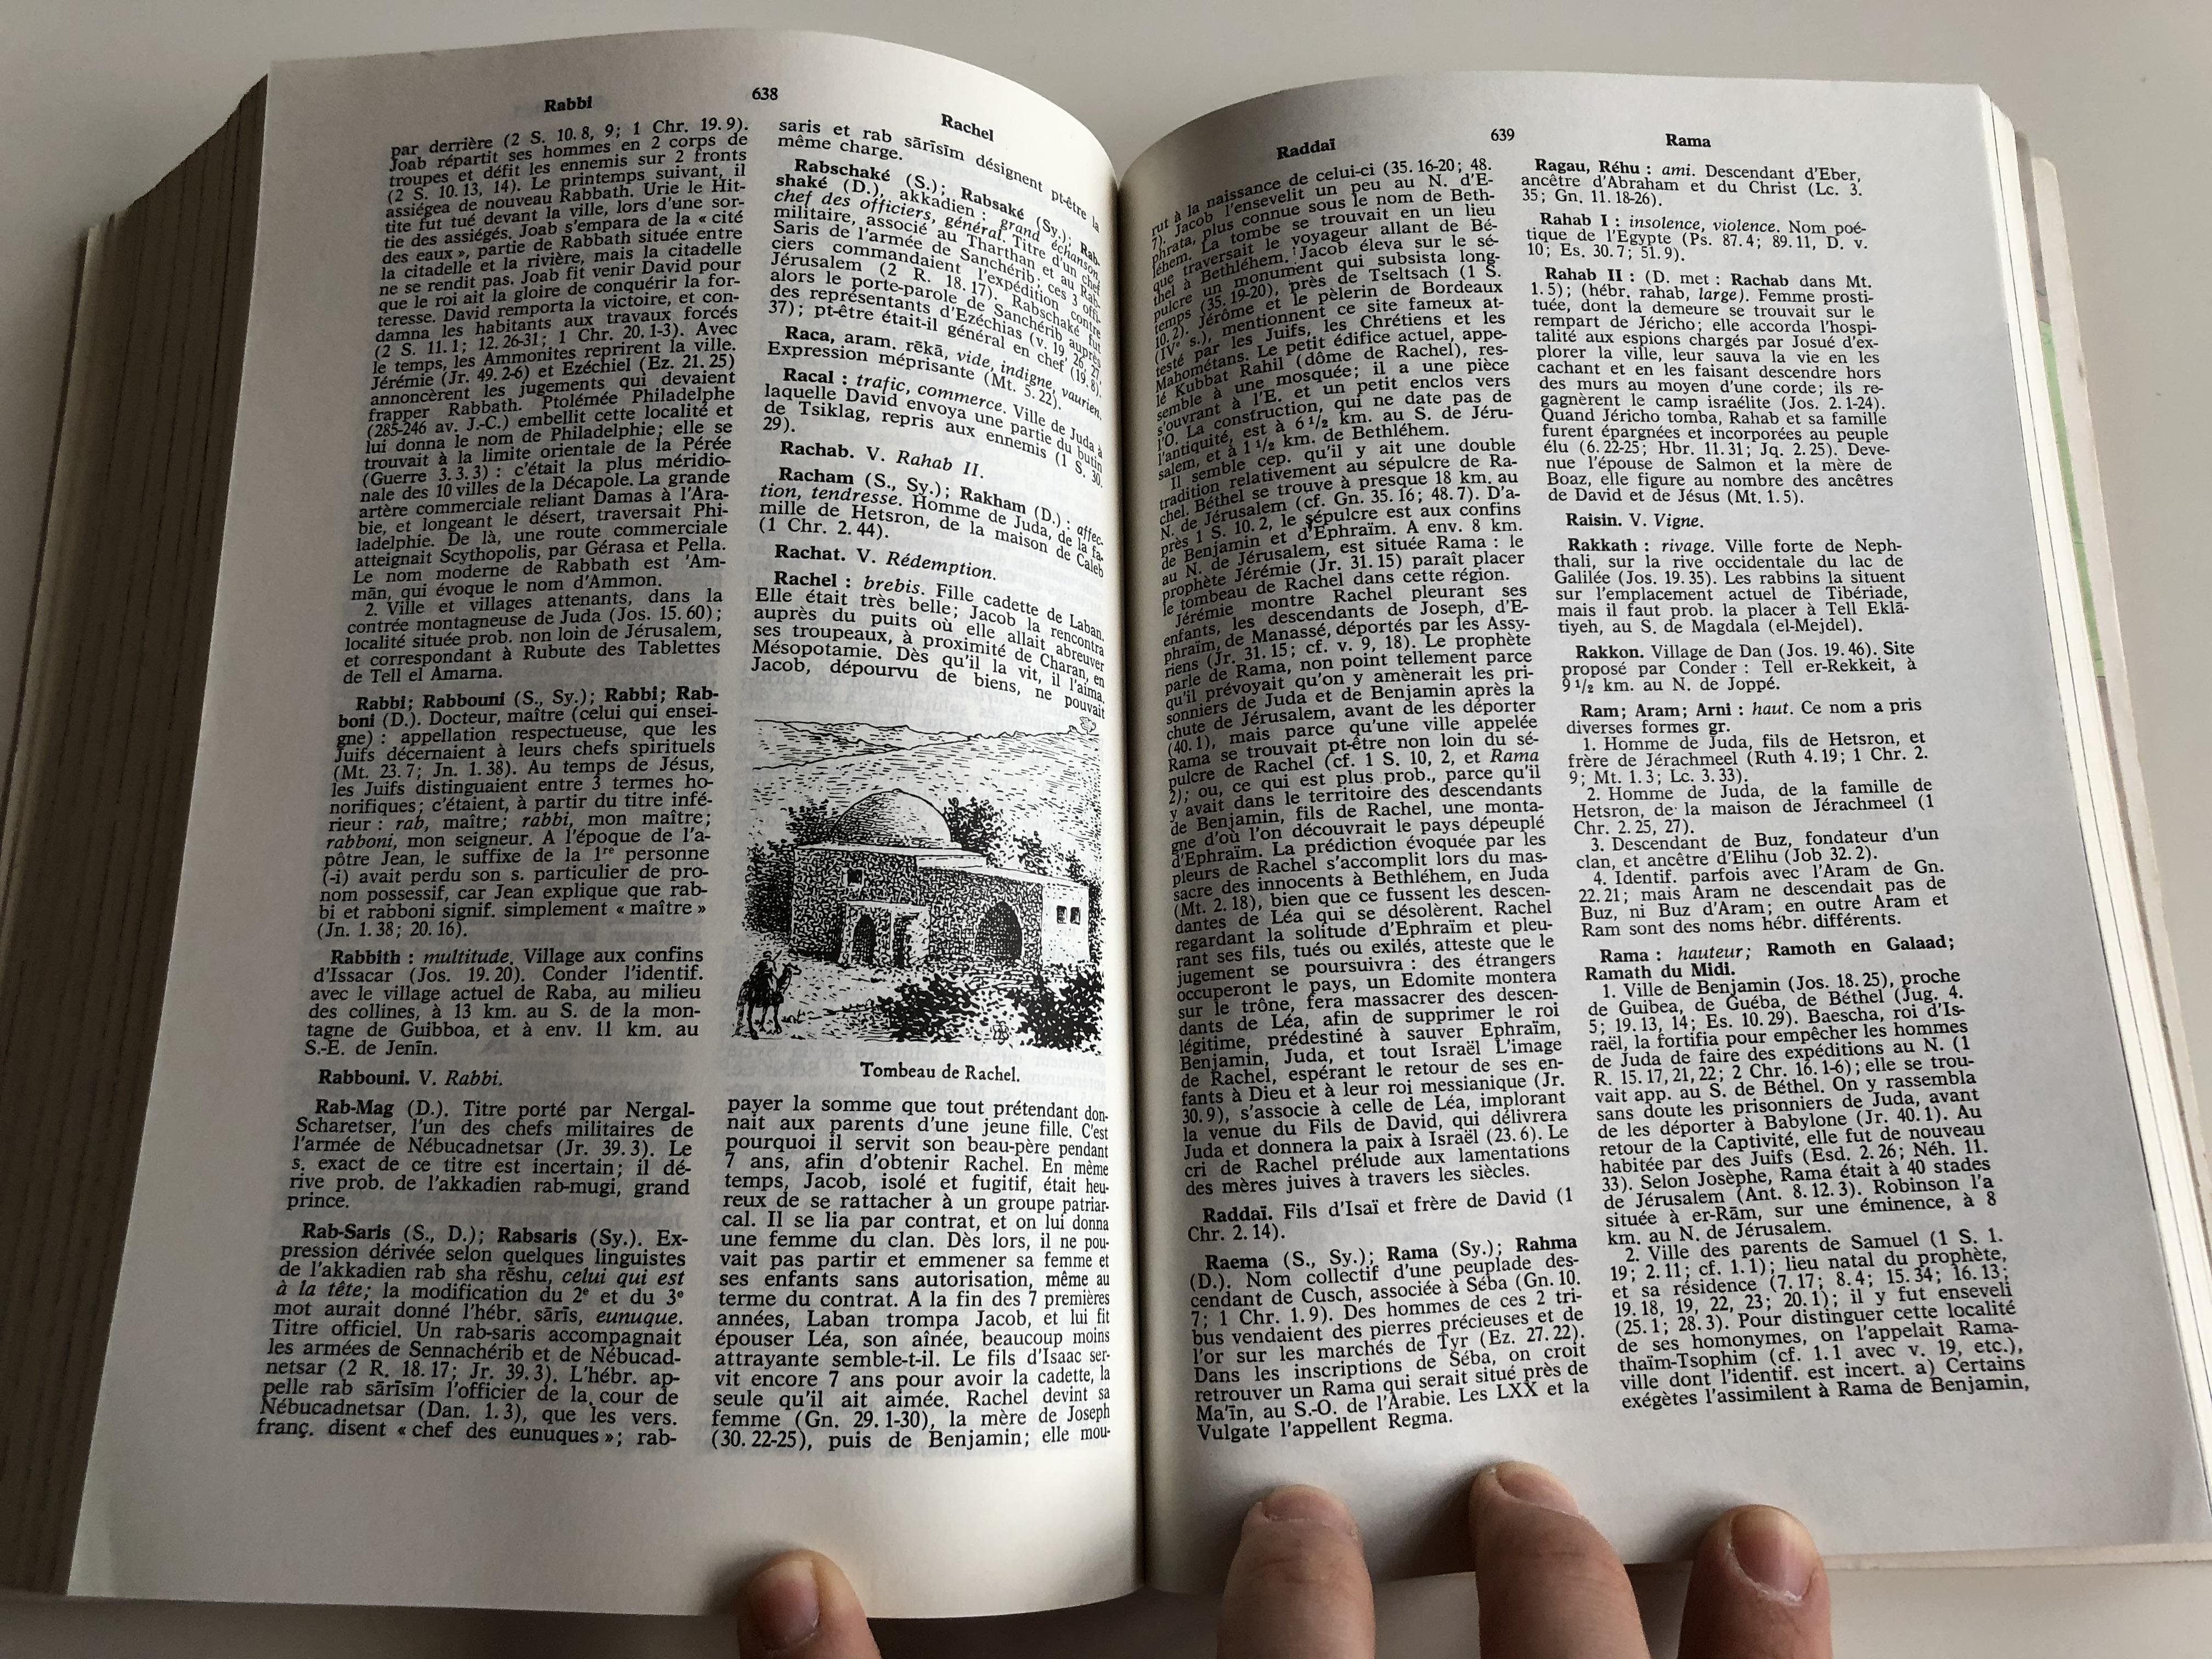 nouveau-dictionnaire-biblique-french-bible-dictionary-12-.jpg